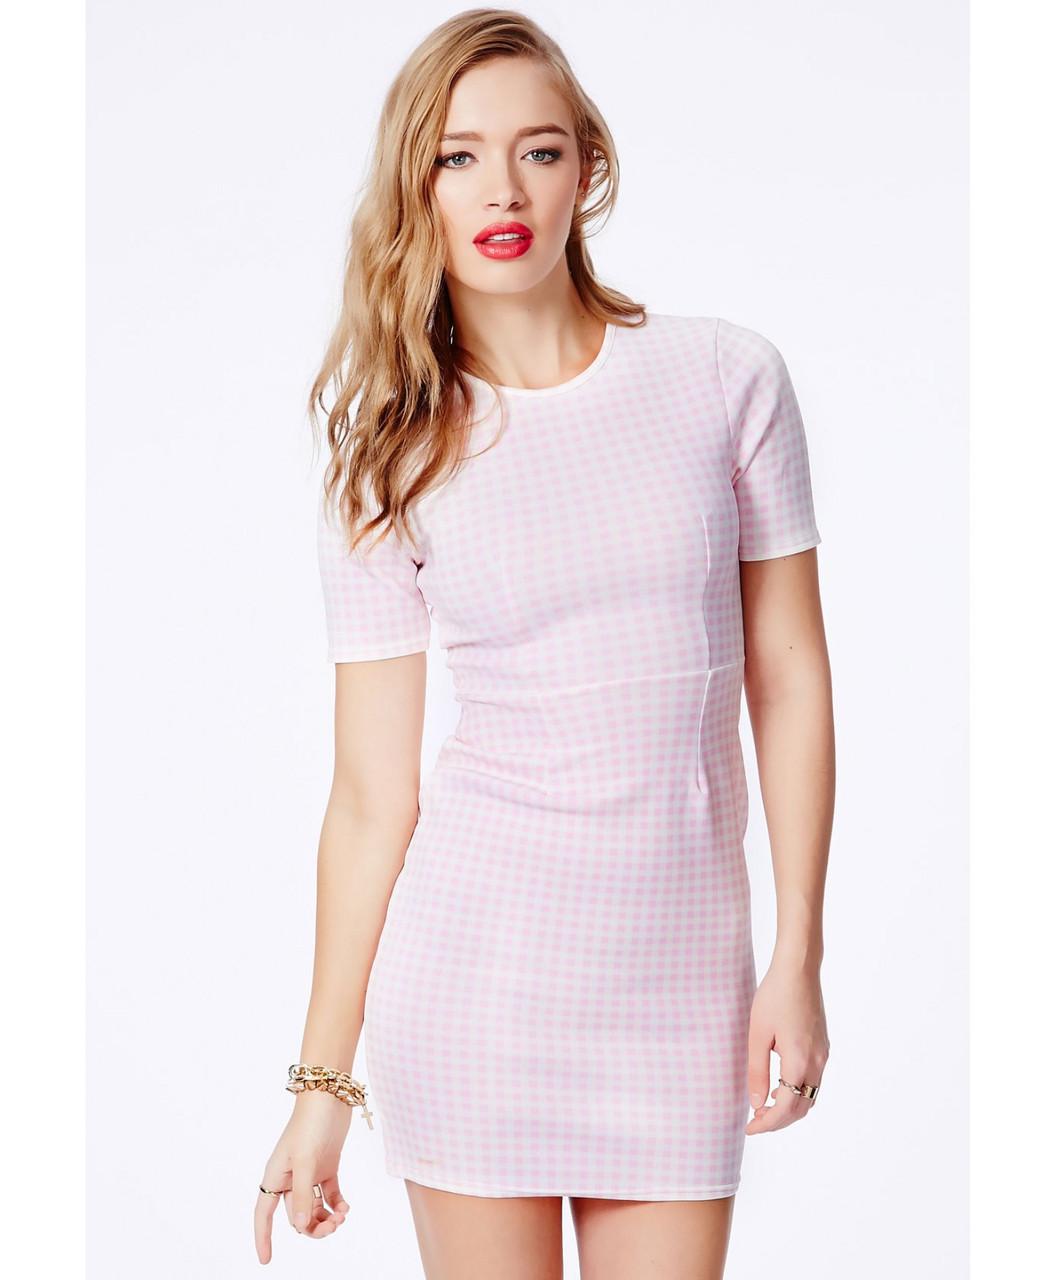 Новое облегающее платье в клеточку Missguided